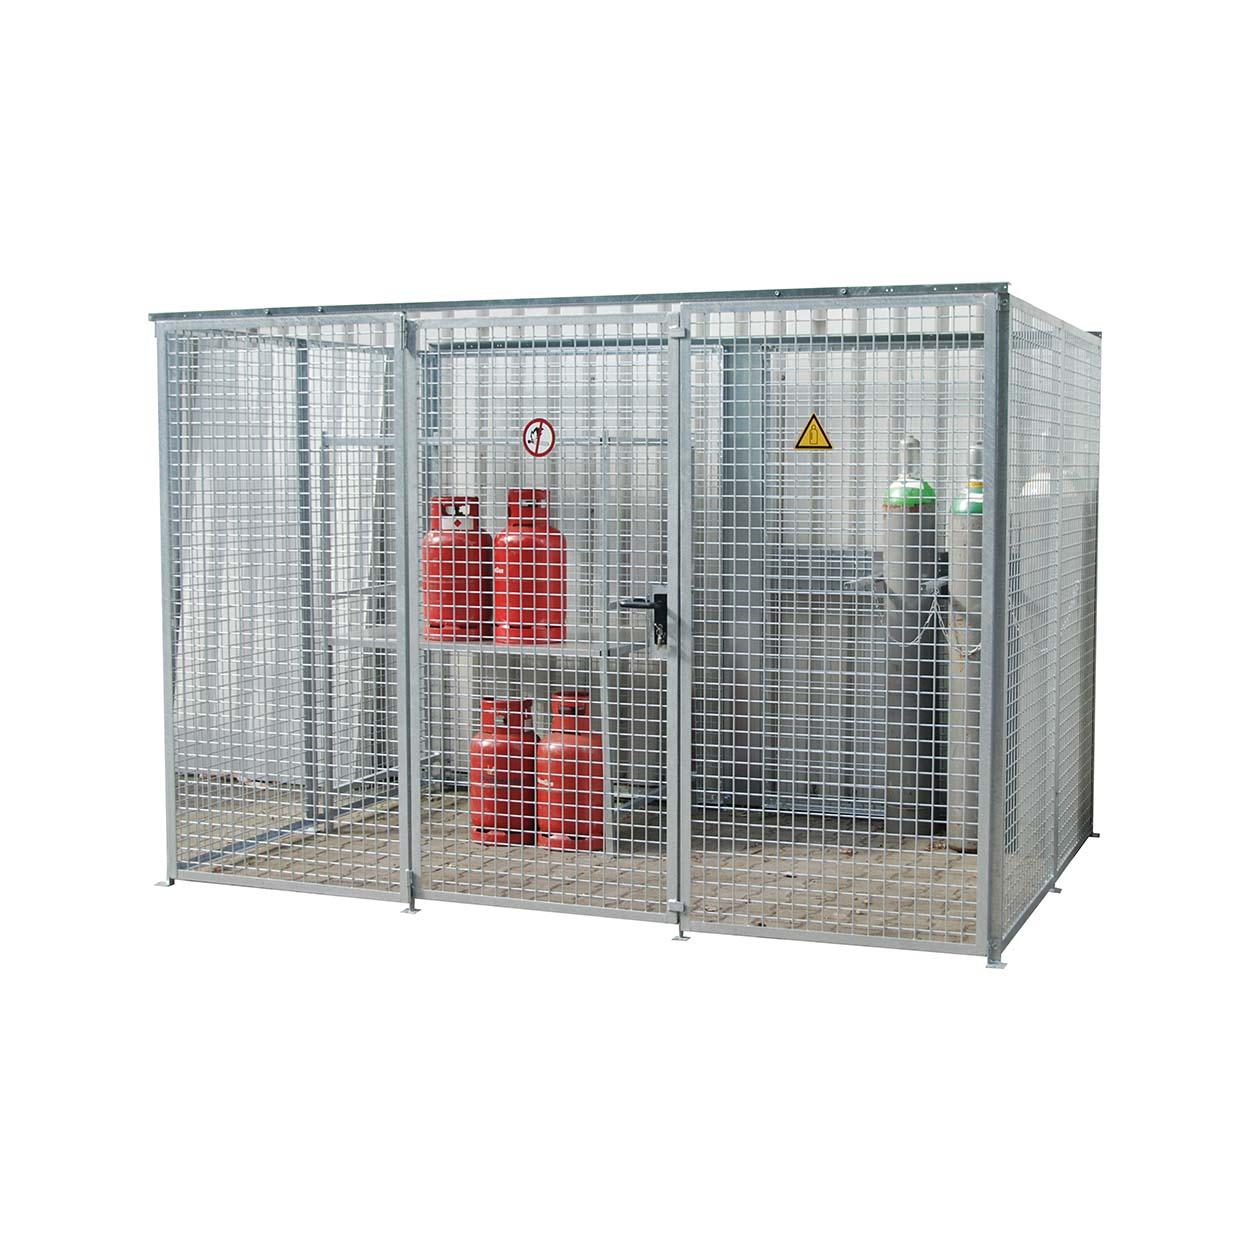 Klec pro skladování tlakových láhví bez podlahy a střechy